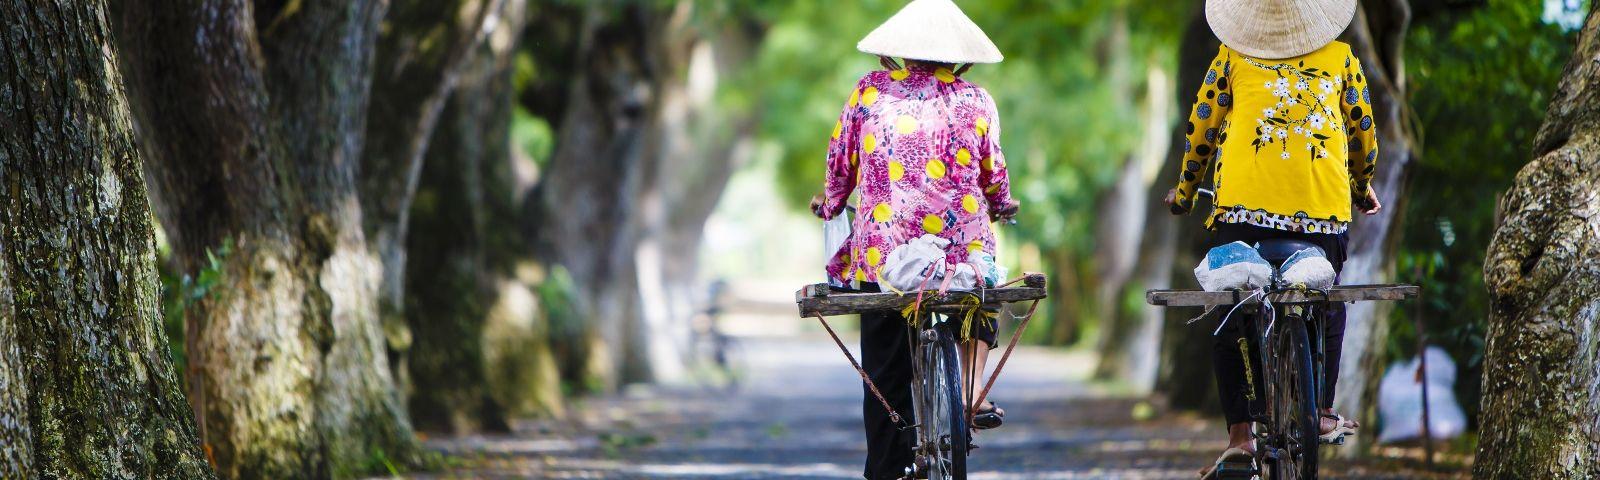 Sicherheit in Vietnam: Die Einheimischen sind freundlich und hilfsbereit